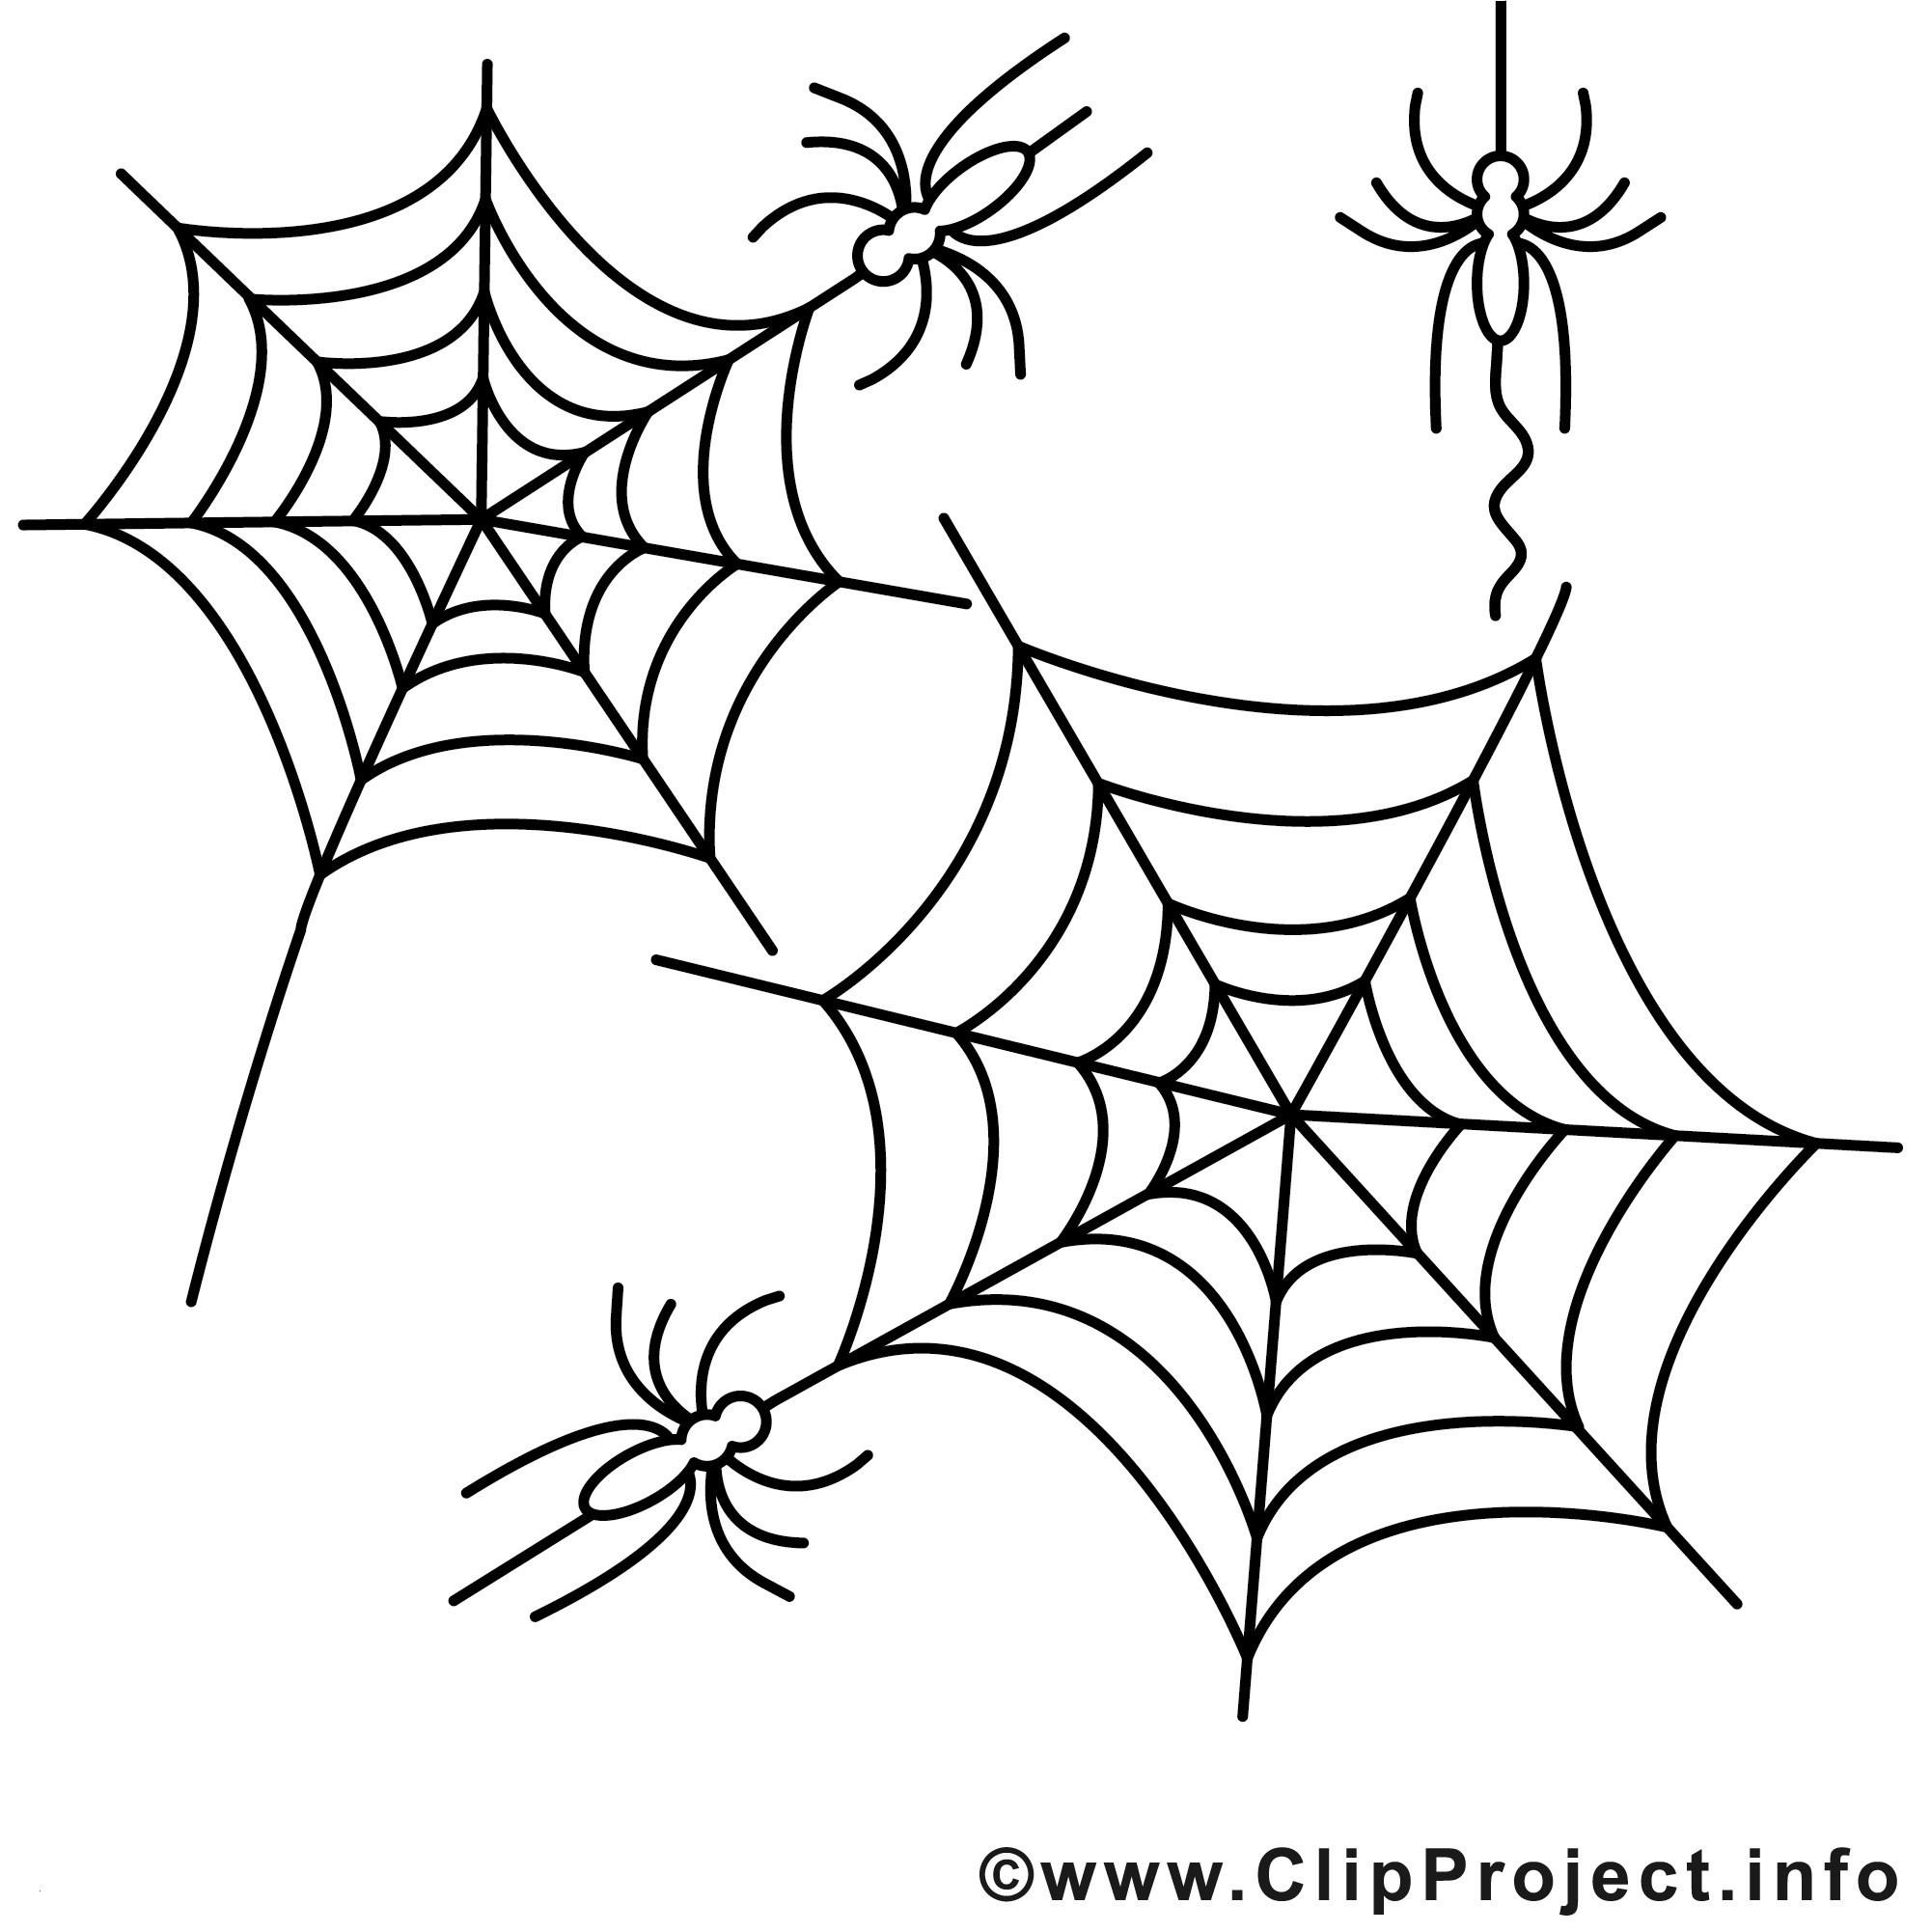 Halloween Ausmalbilder Spinne Einzigartig De Part 70 Bilder